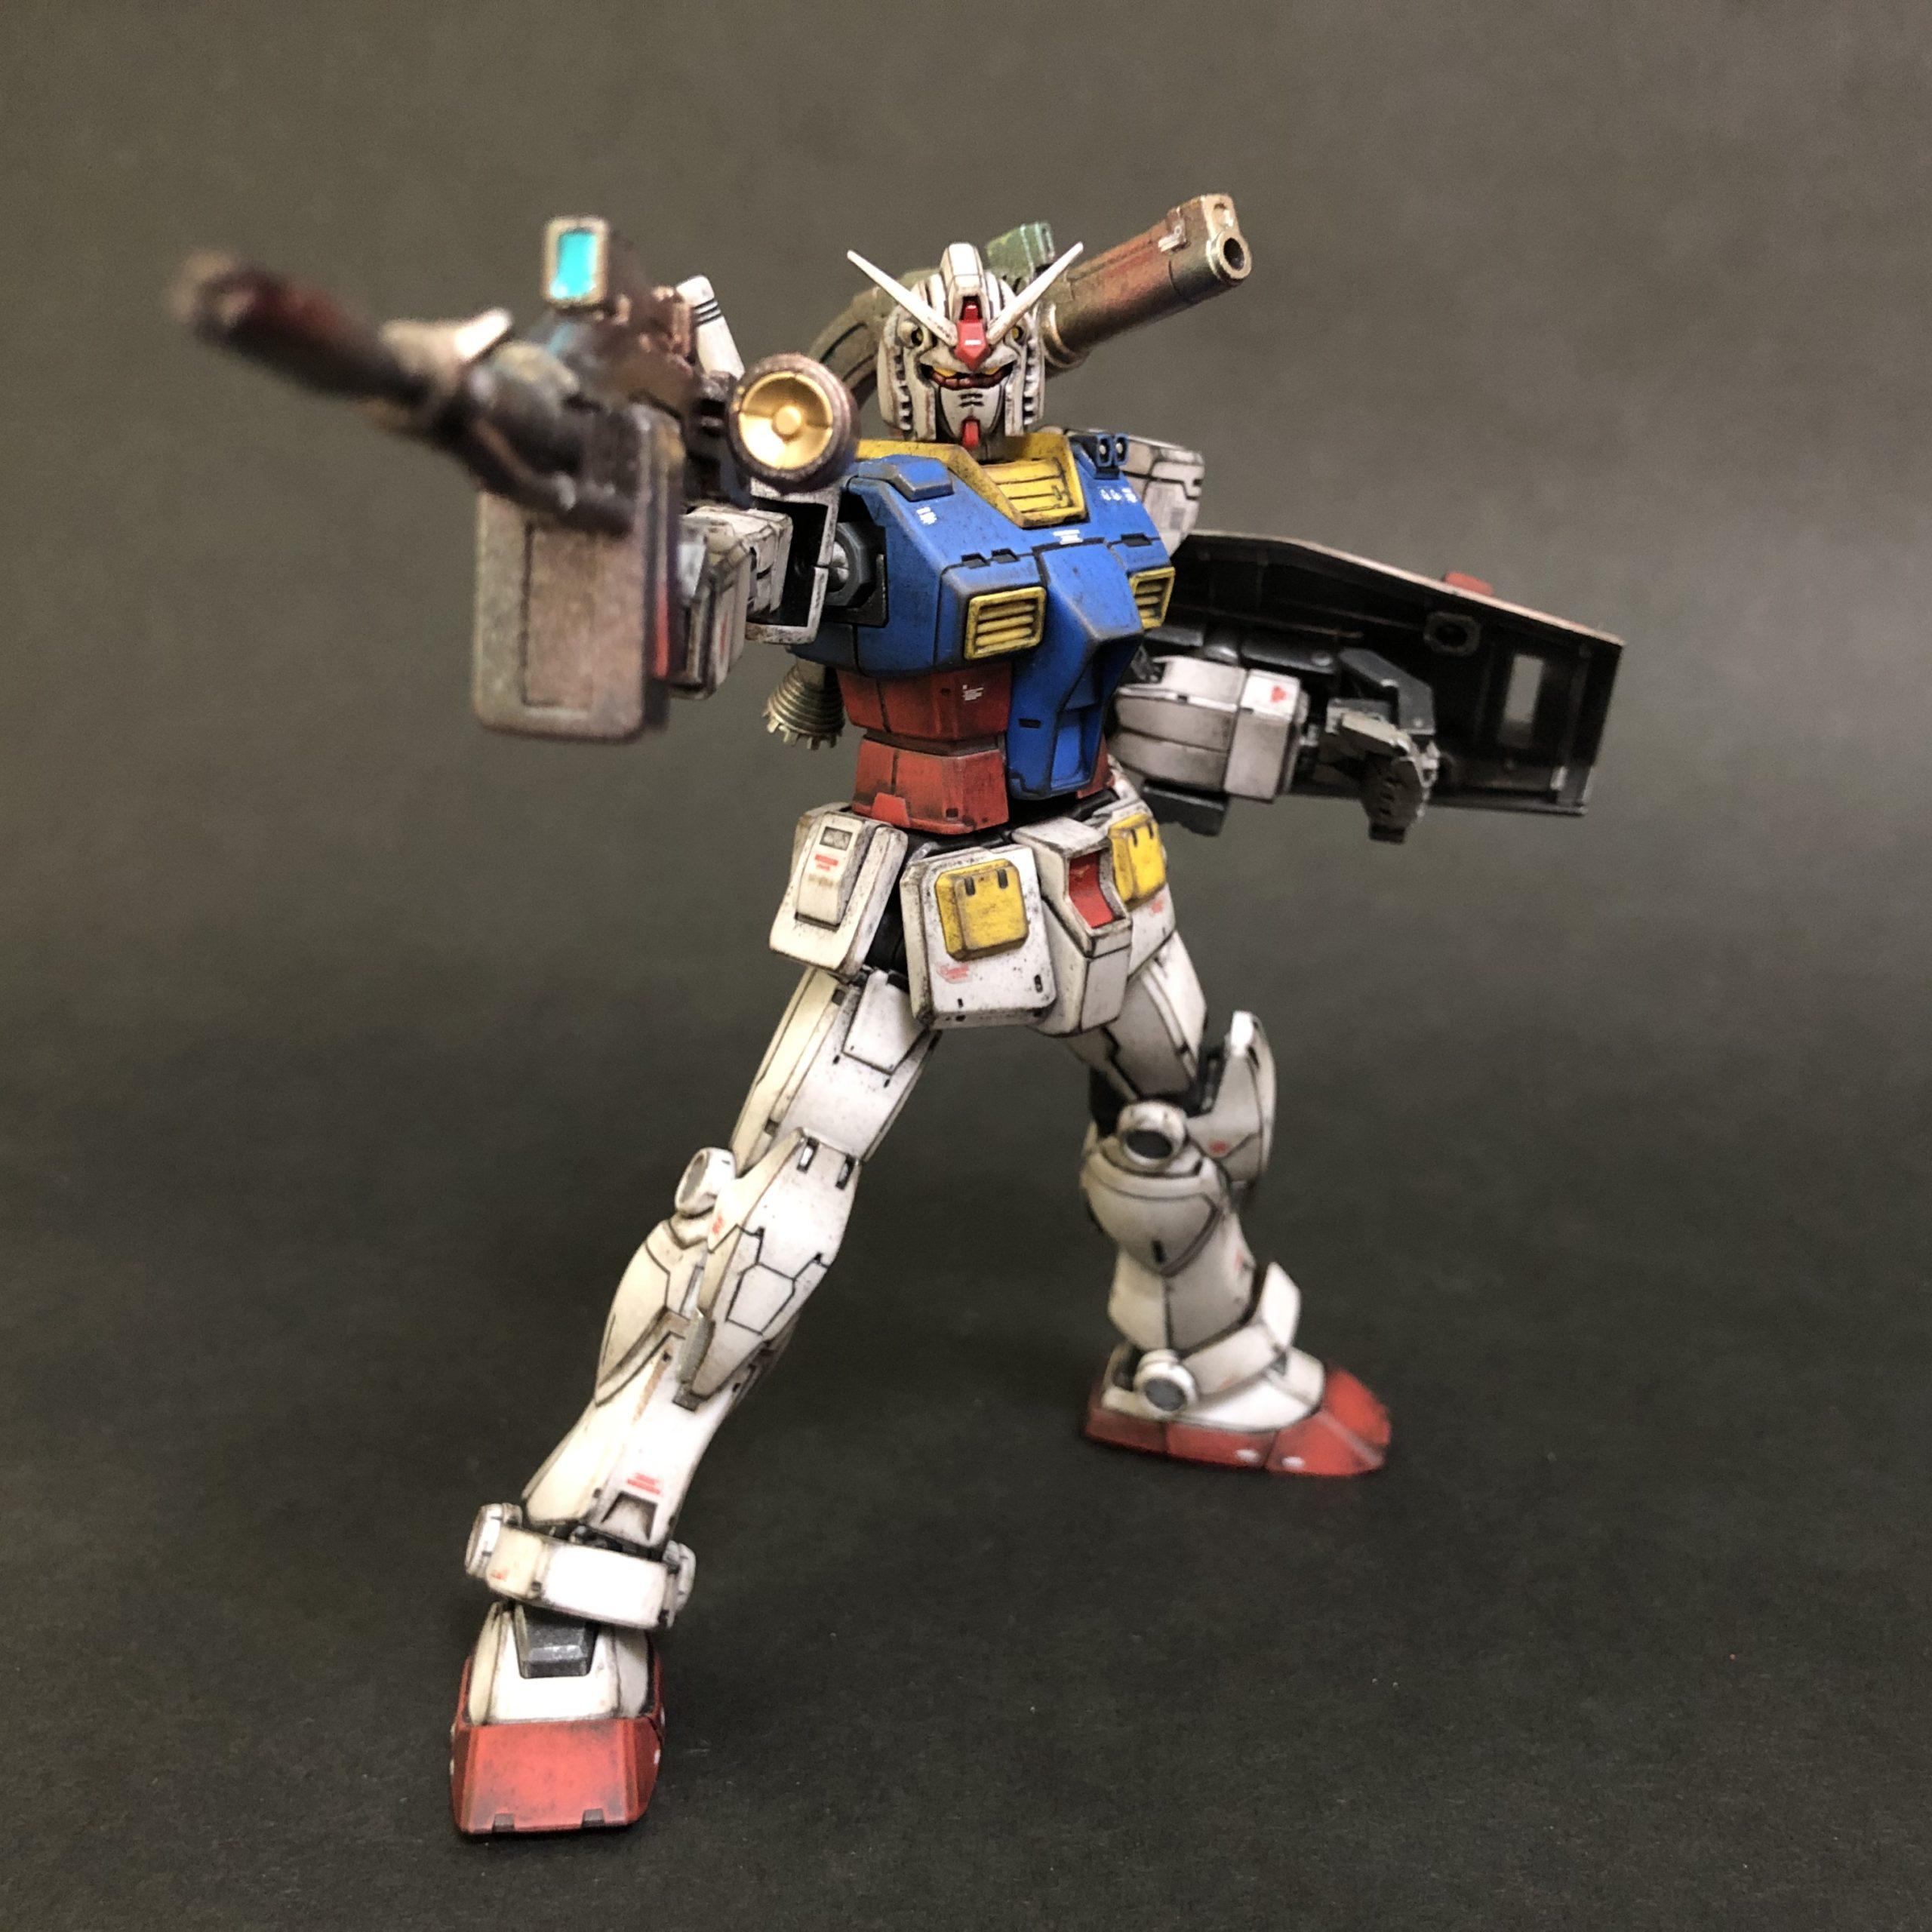 HG 1/144 RX-78-02 ガンダム